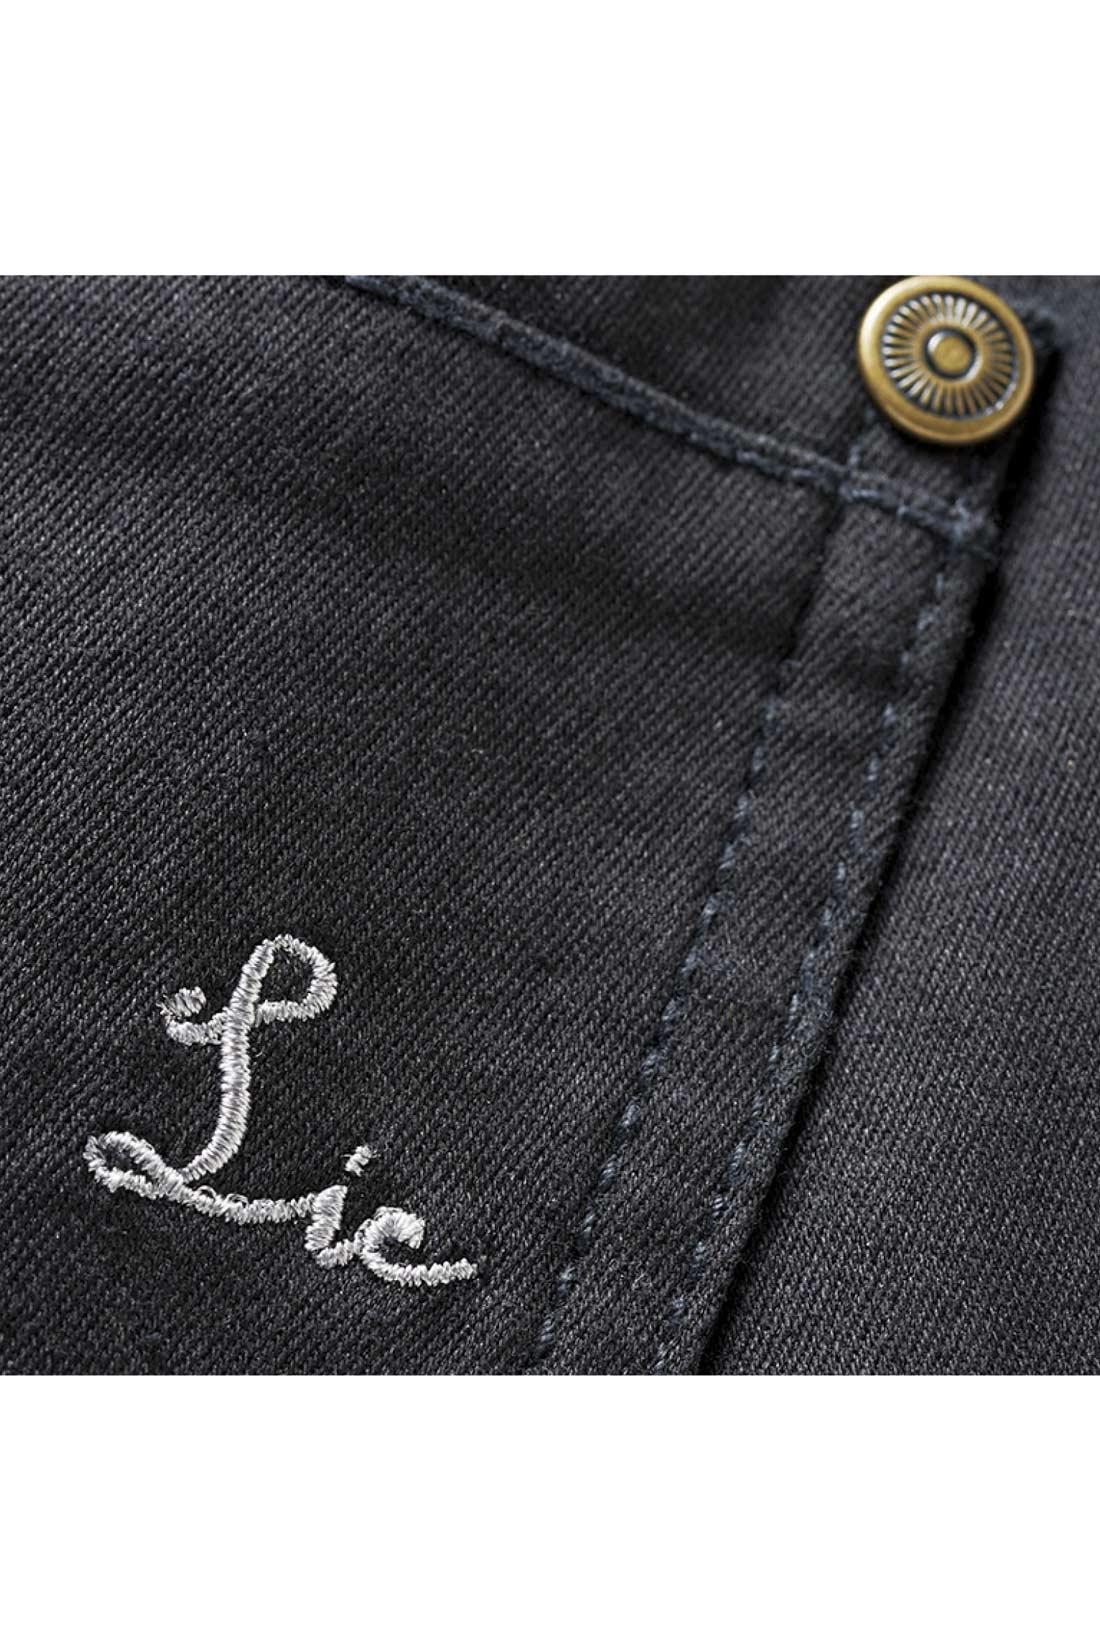 バックポケットに刺繍のアクセント。※お届けするカラーとは異なります。